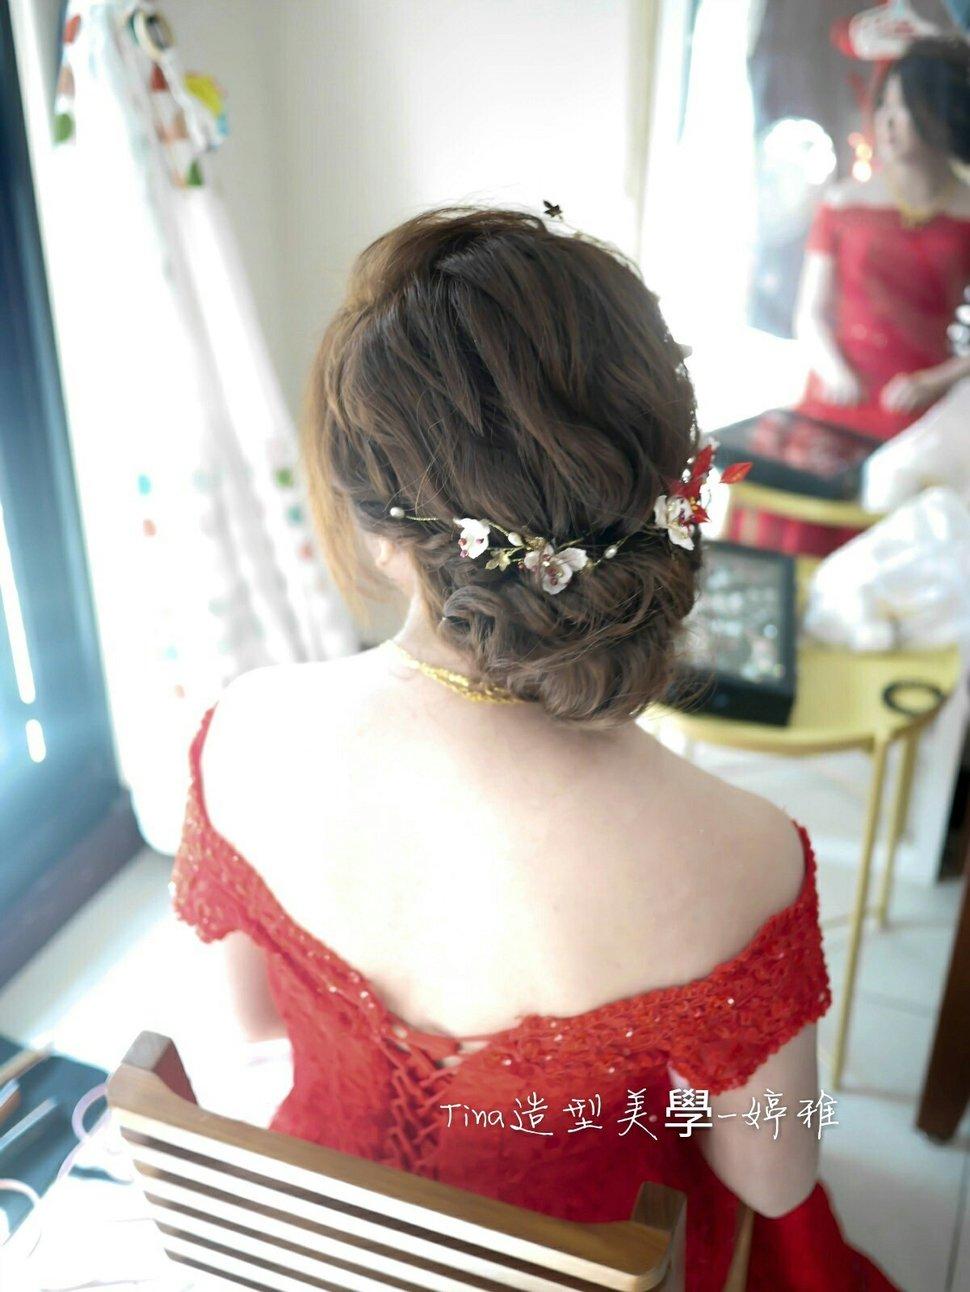 婚宴照片_190115_0020 - 雲林新秘/嘉義新娘秘書/Tina造型美學《結婚吧》